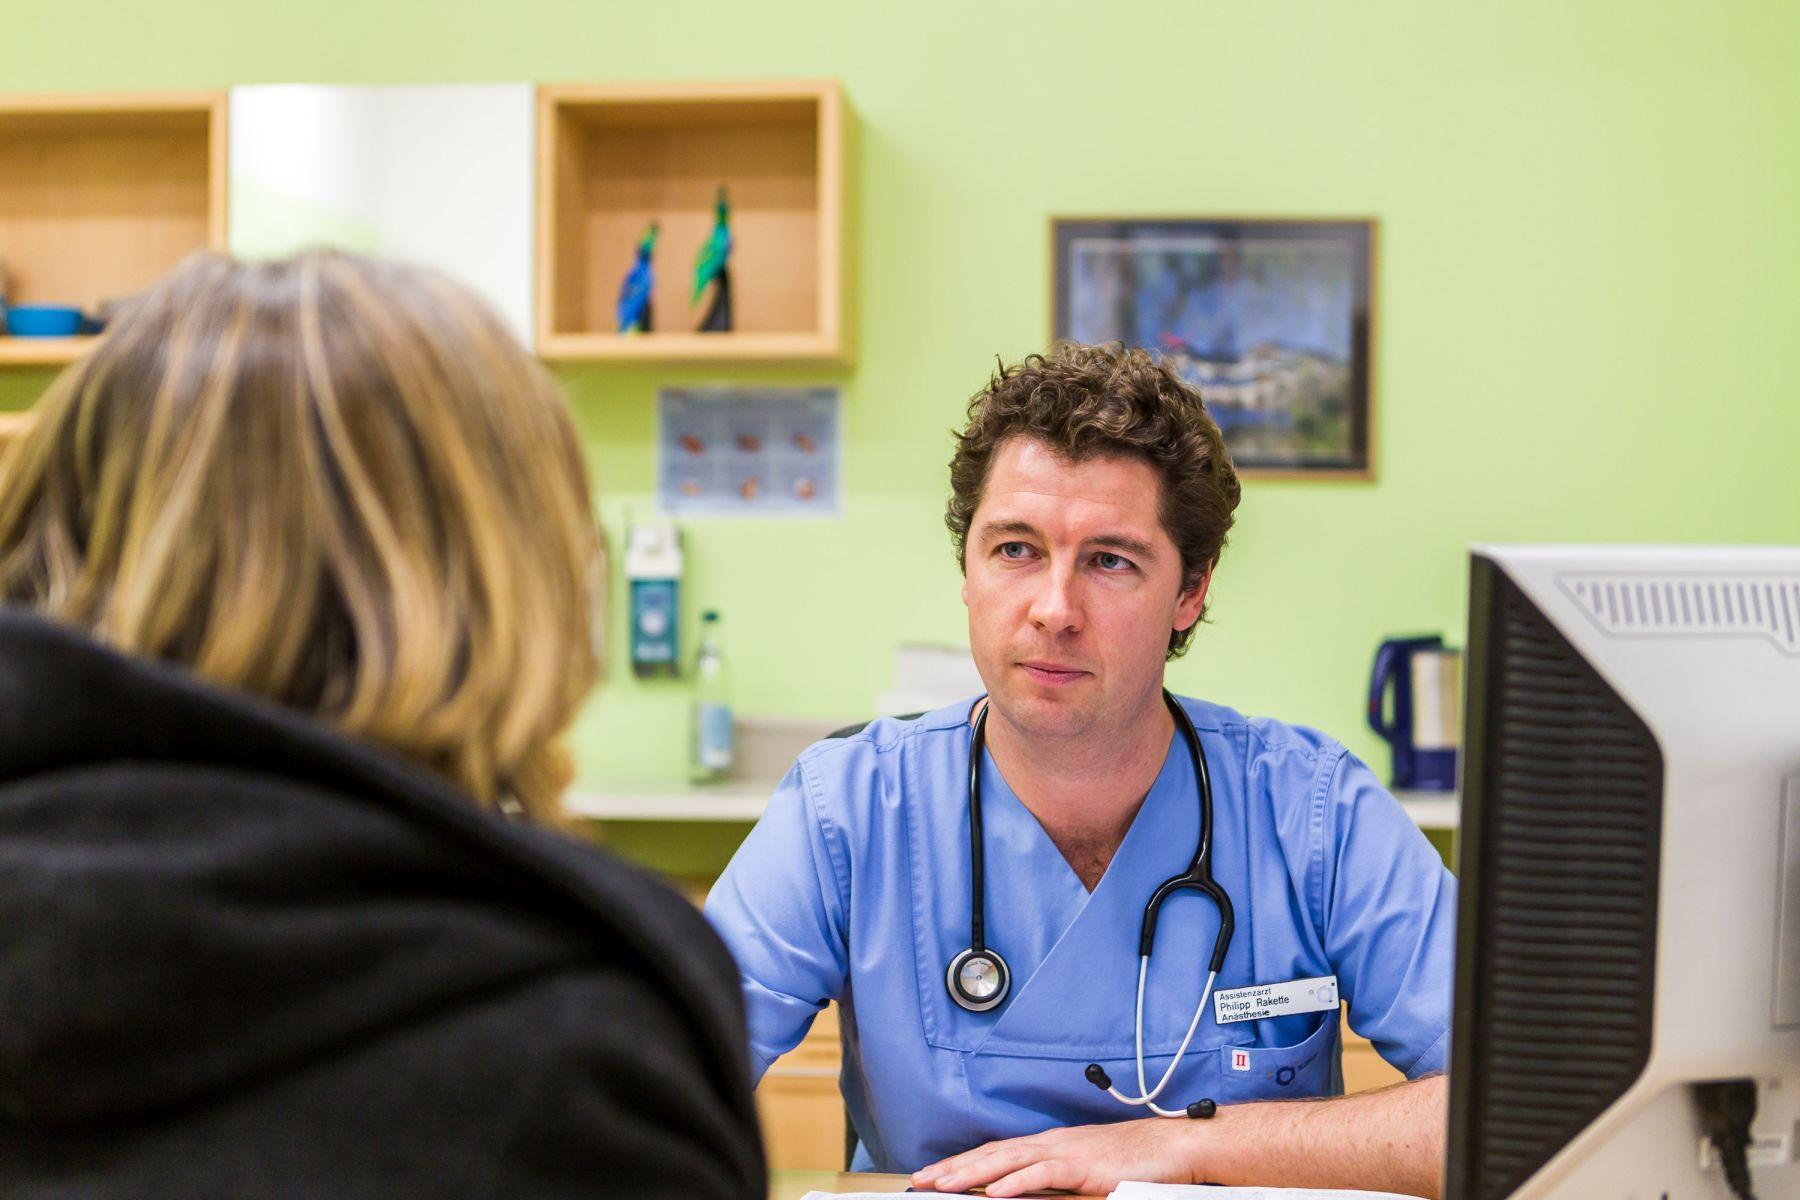 Anästhesiesprechstunde im Klinikum Ingolstadt